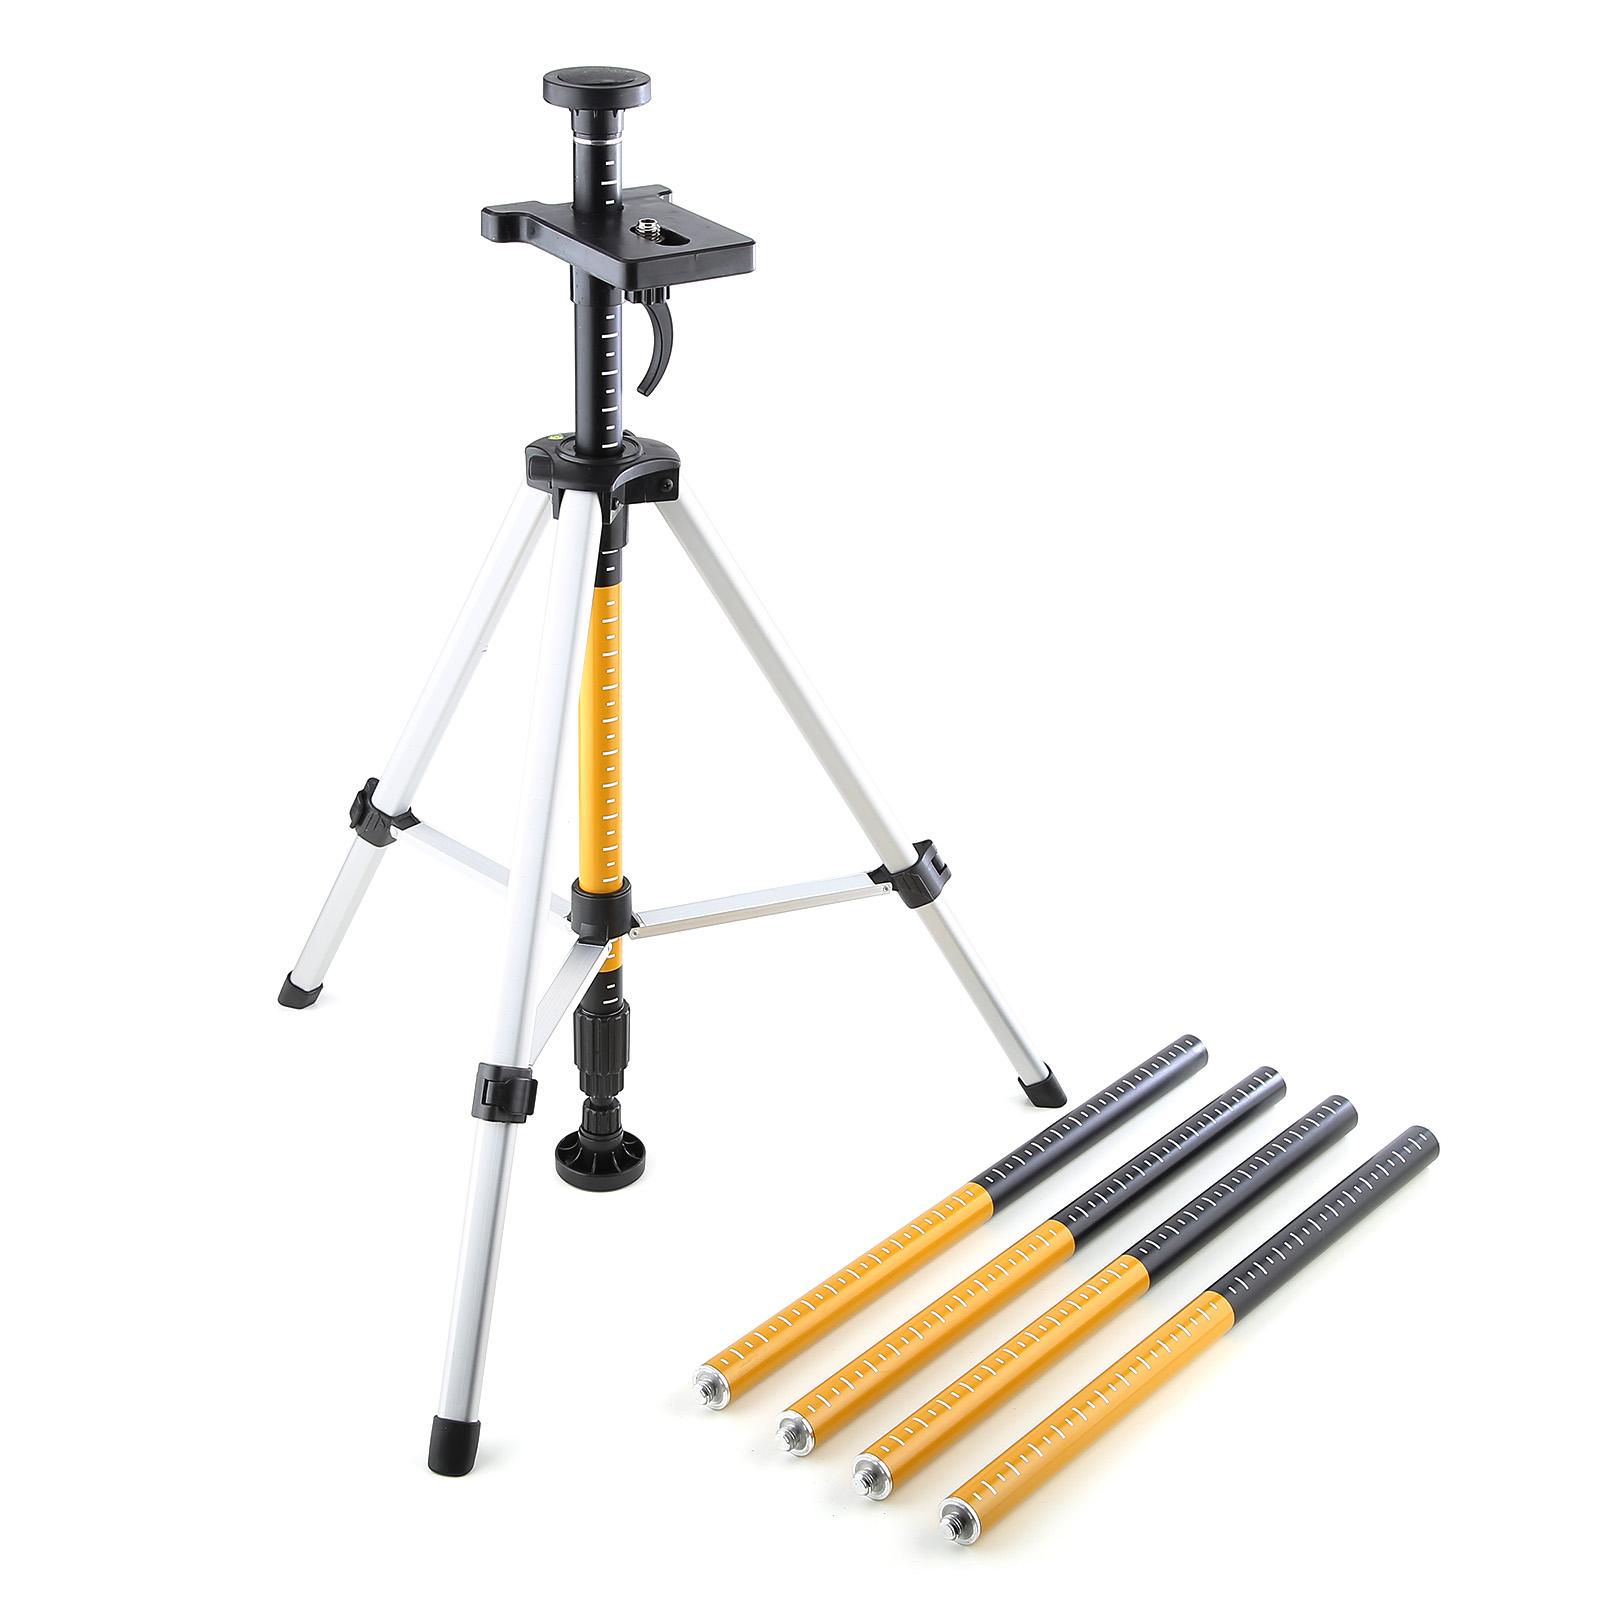 Штатив-штанга распорная для нивелира Condtrol Штатив-штанга распорная для установки лазерных нивелиров 2-17-004